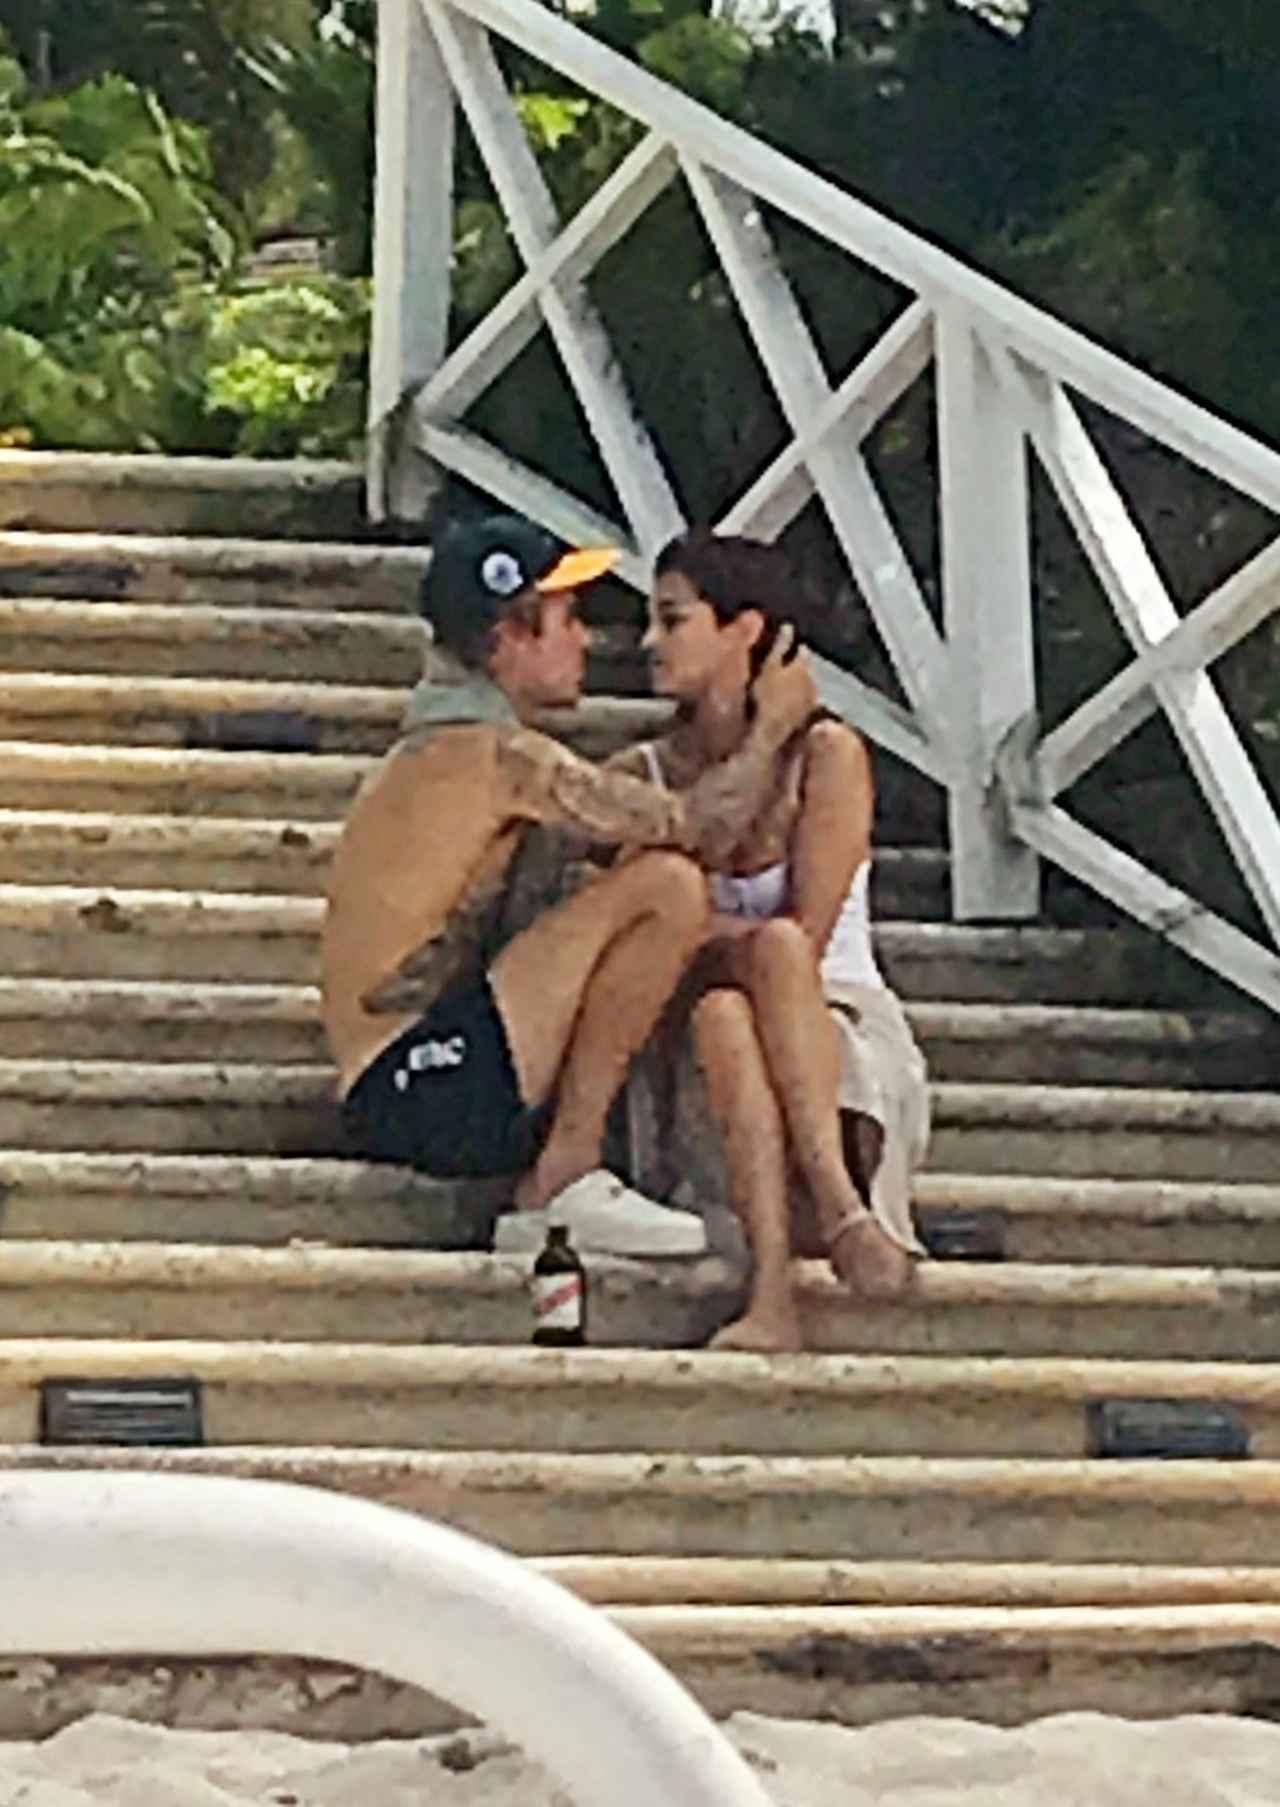 画像: 2018年2月、ジャスティンの父の結婚式に出席するためジャマイカを訪れた際のジャスティンとセレーナ。2人はそれから2カ月ほどで破局。 右:2018年6月、マイアミの滞在先ホテルで仲睦まじい姿が目撃されたジャスティンとヘイリー。